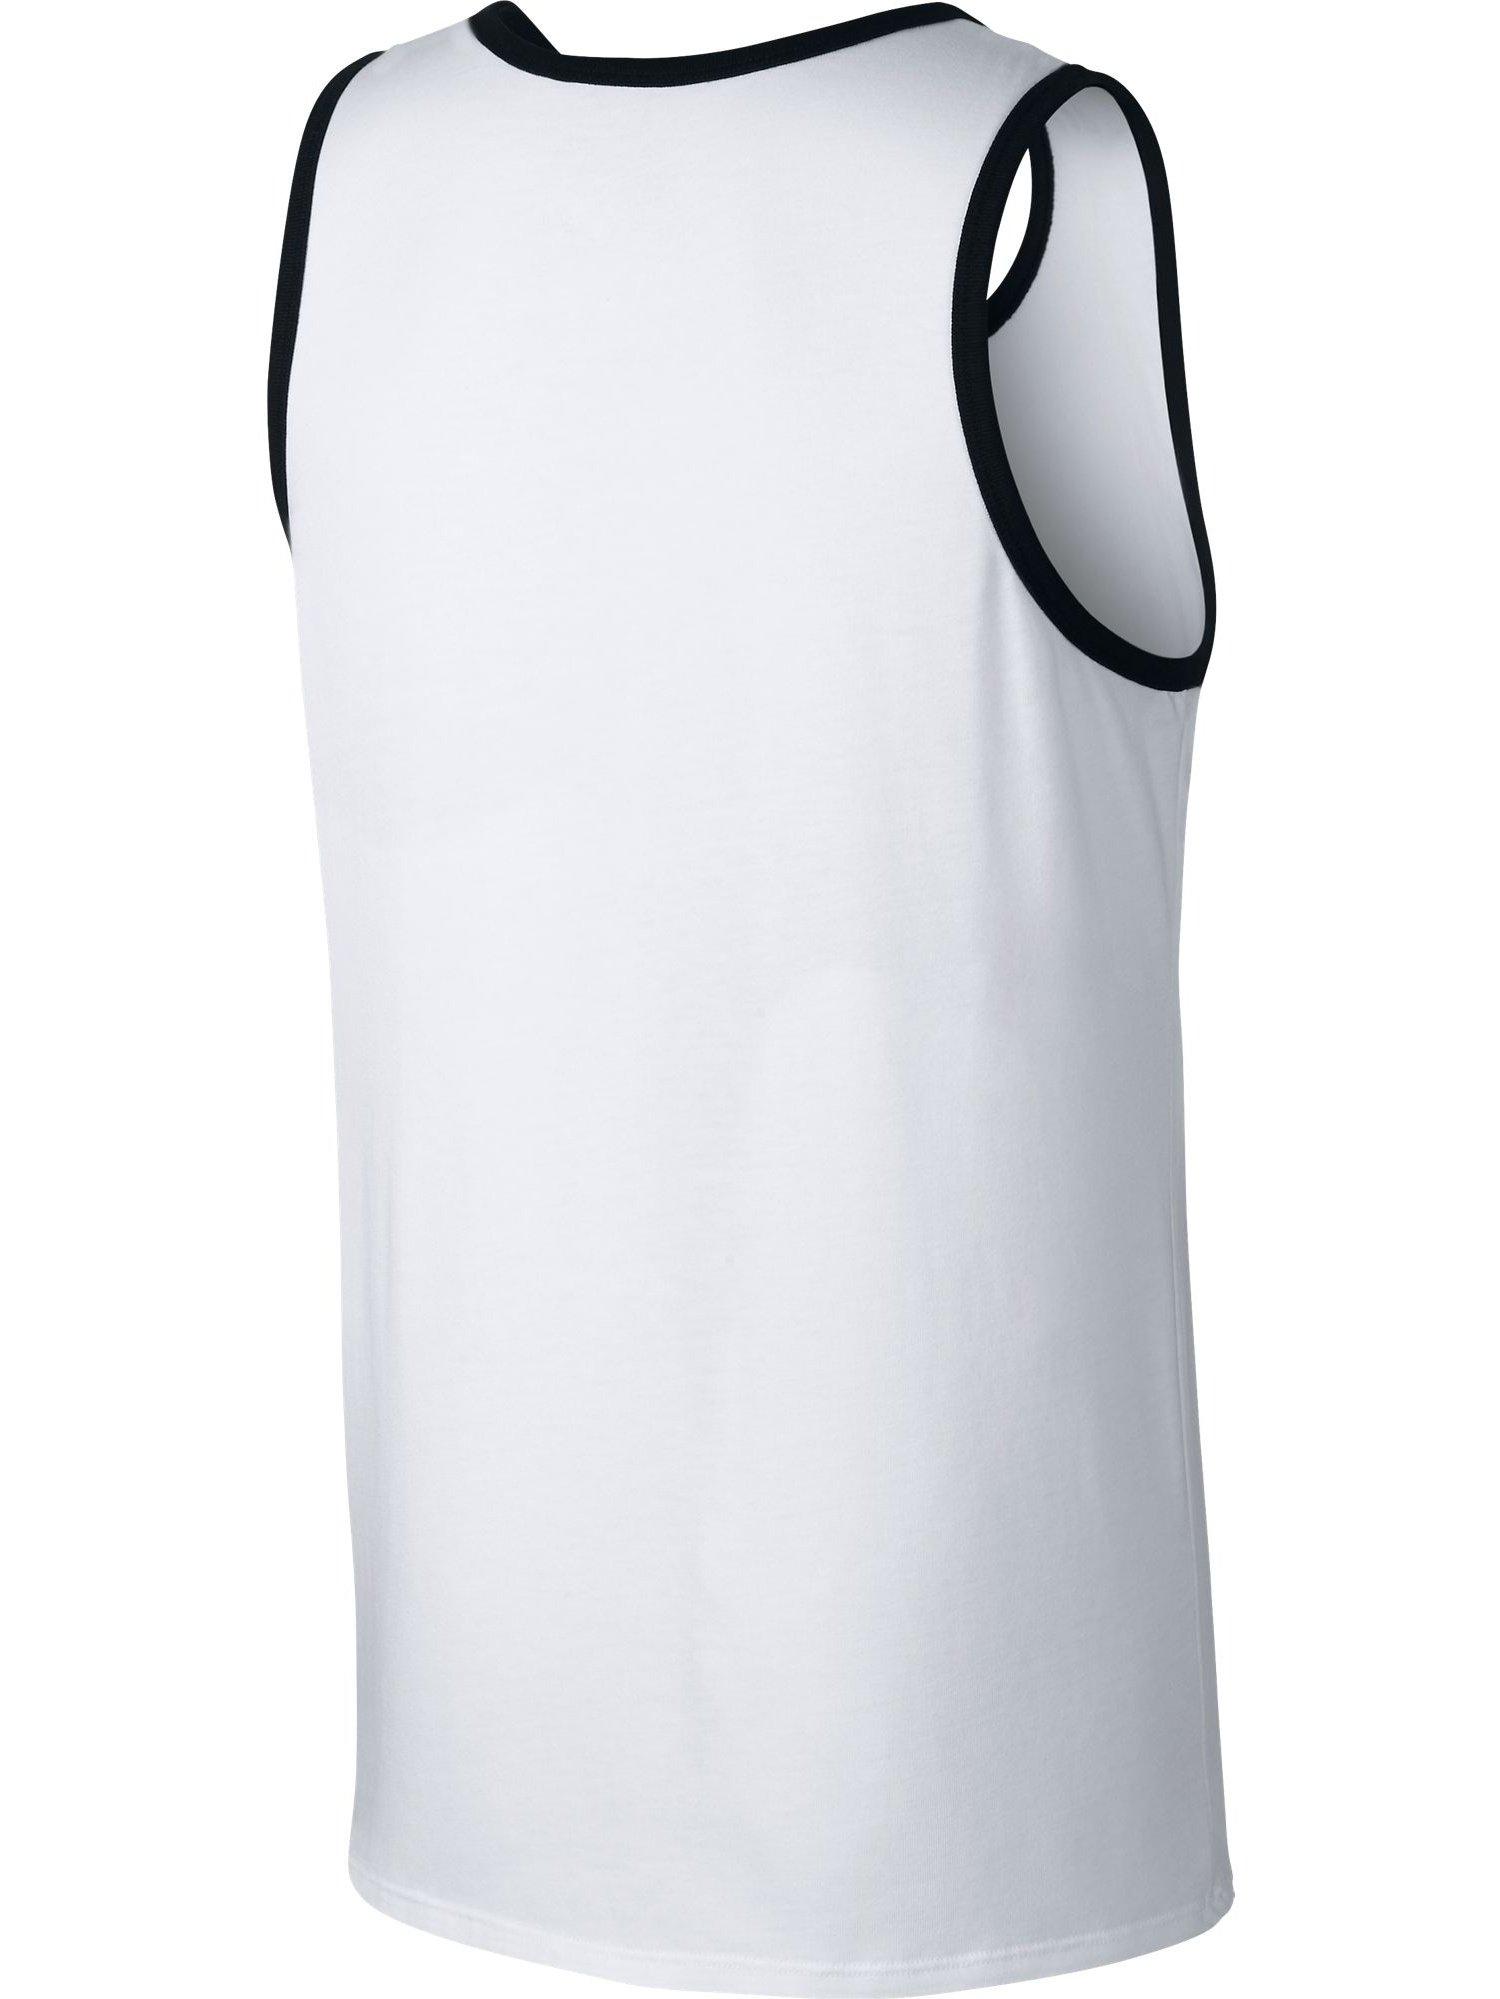 78575fe1e7 Nike - Nike ACE Logo Men s Tank Top Athletic White Black 779234-100 -  Walmart.com